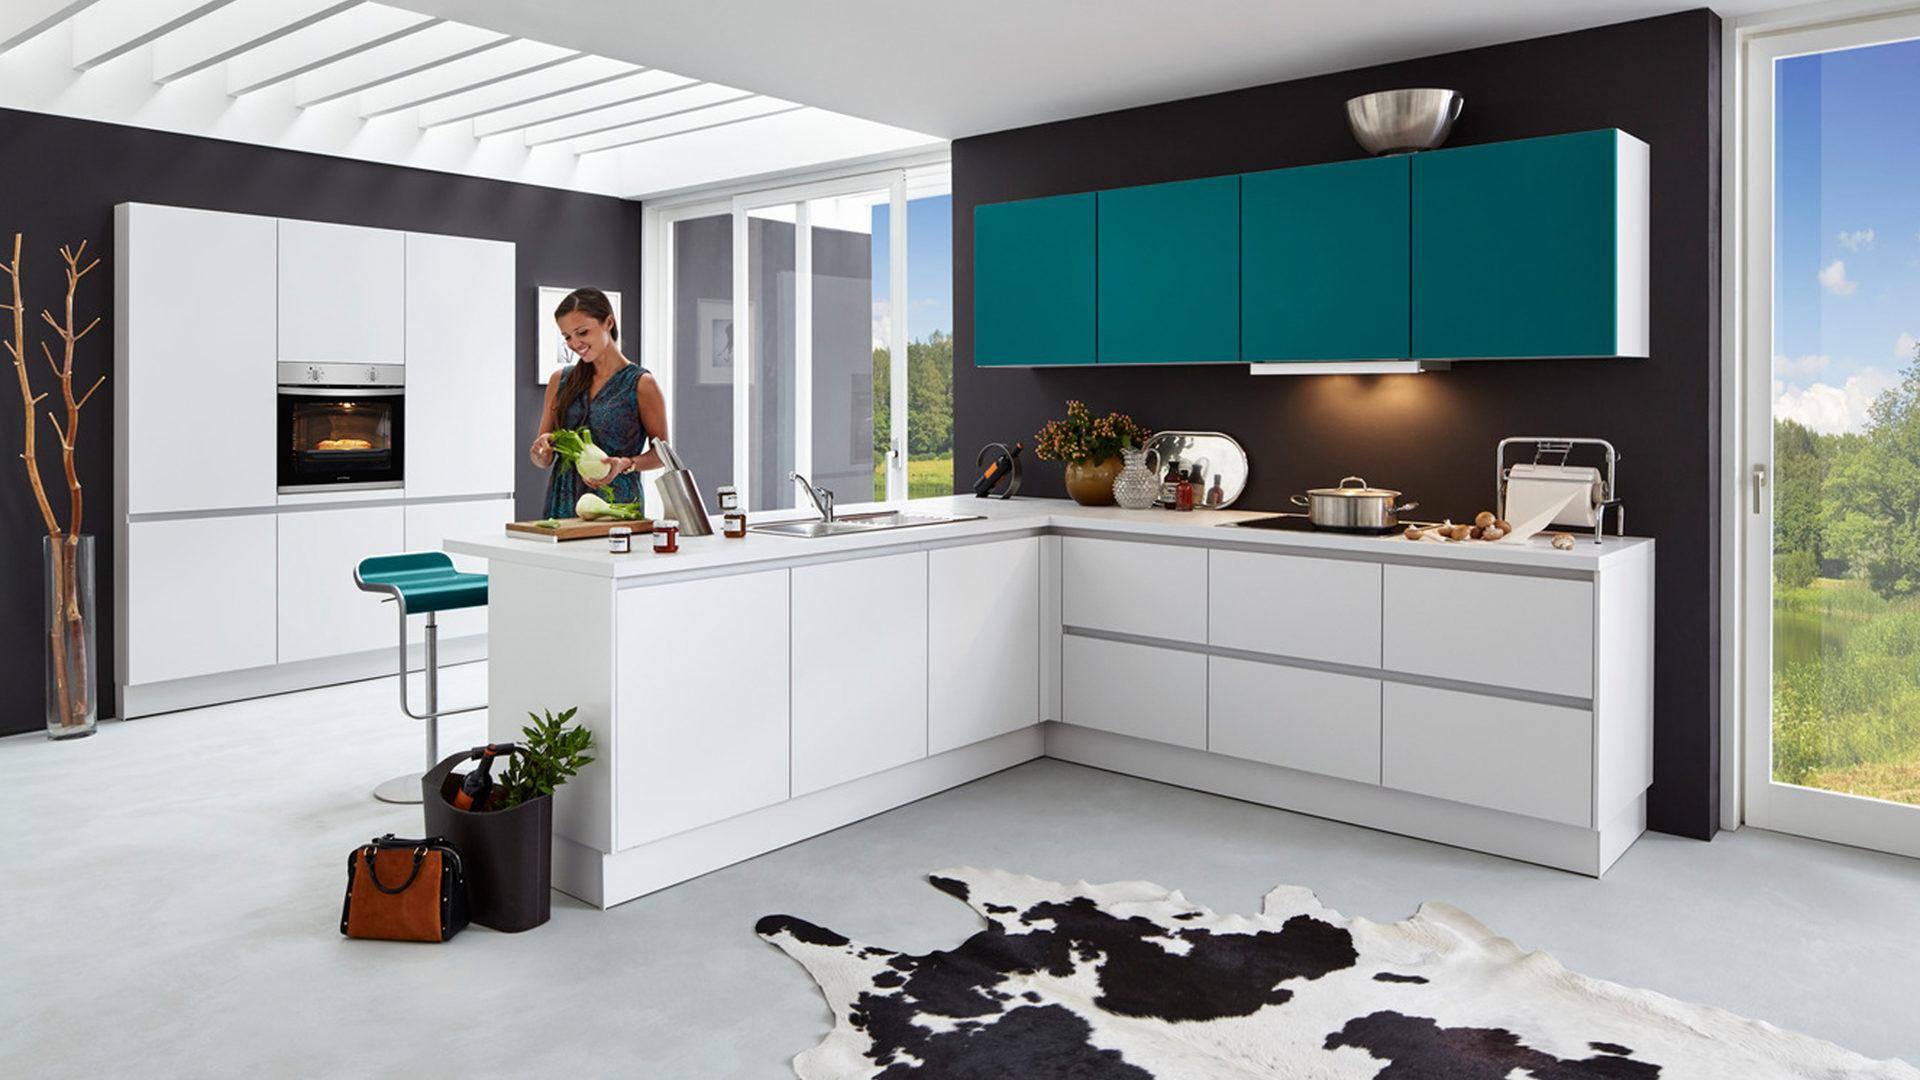 Küchen Bad Homburg möbelland hochtaunus bad homburg bei frankfurt möbel a z küchen